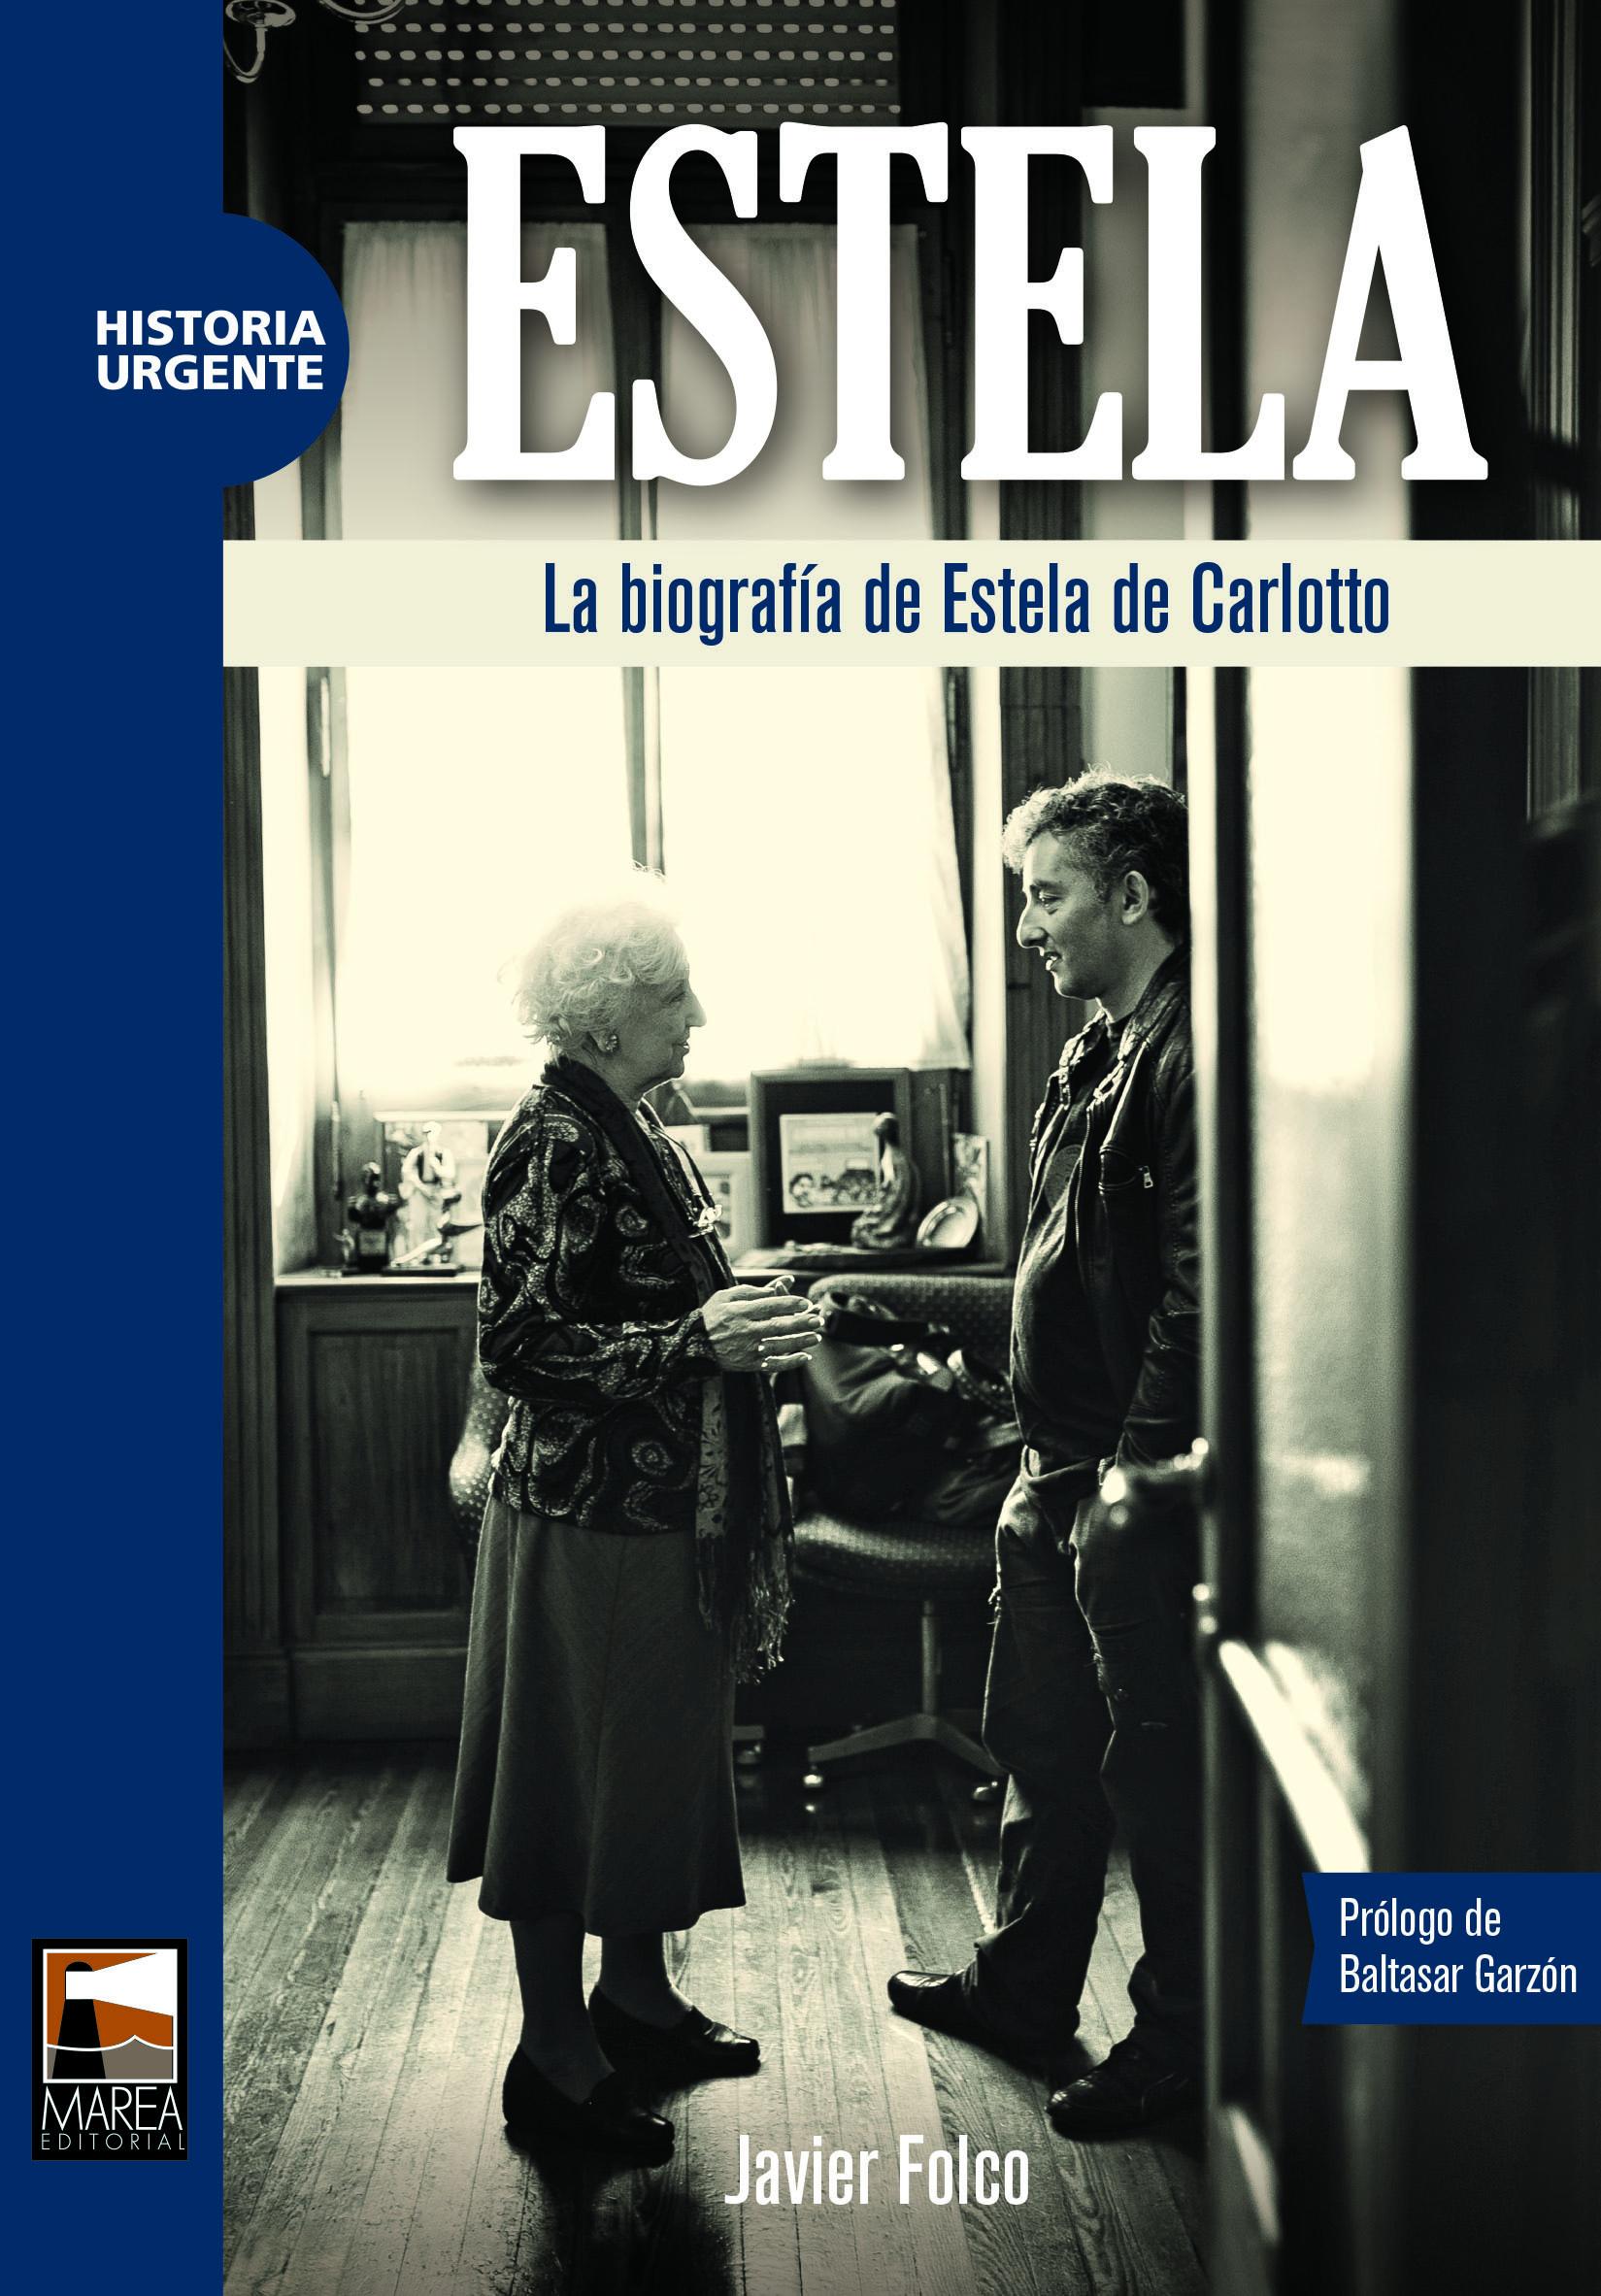 Estela. La biografía de Estela de Carlotto Javier Folco